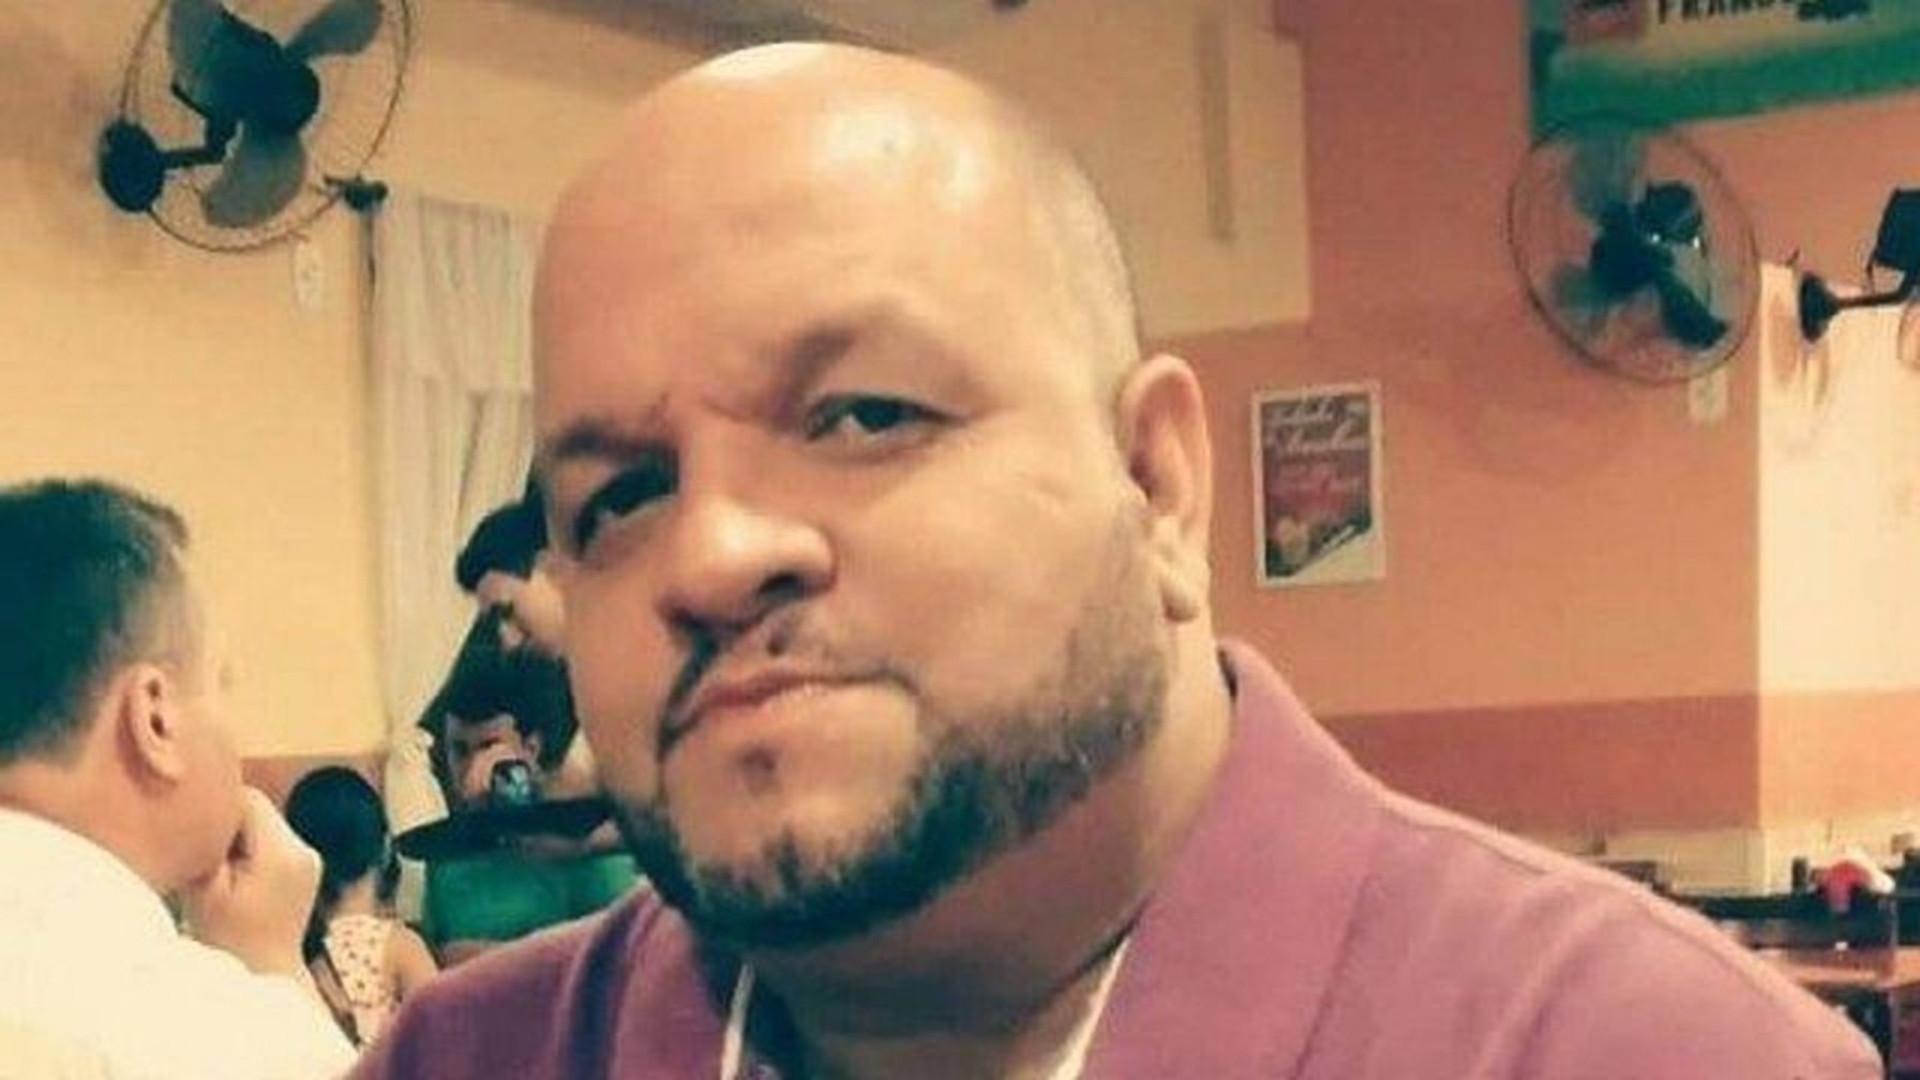 Homem é morto no Rio durante discussão no trânsito